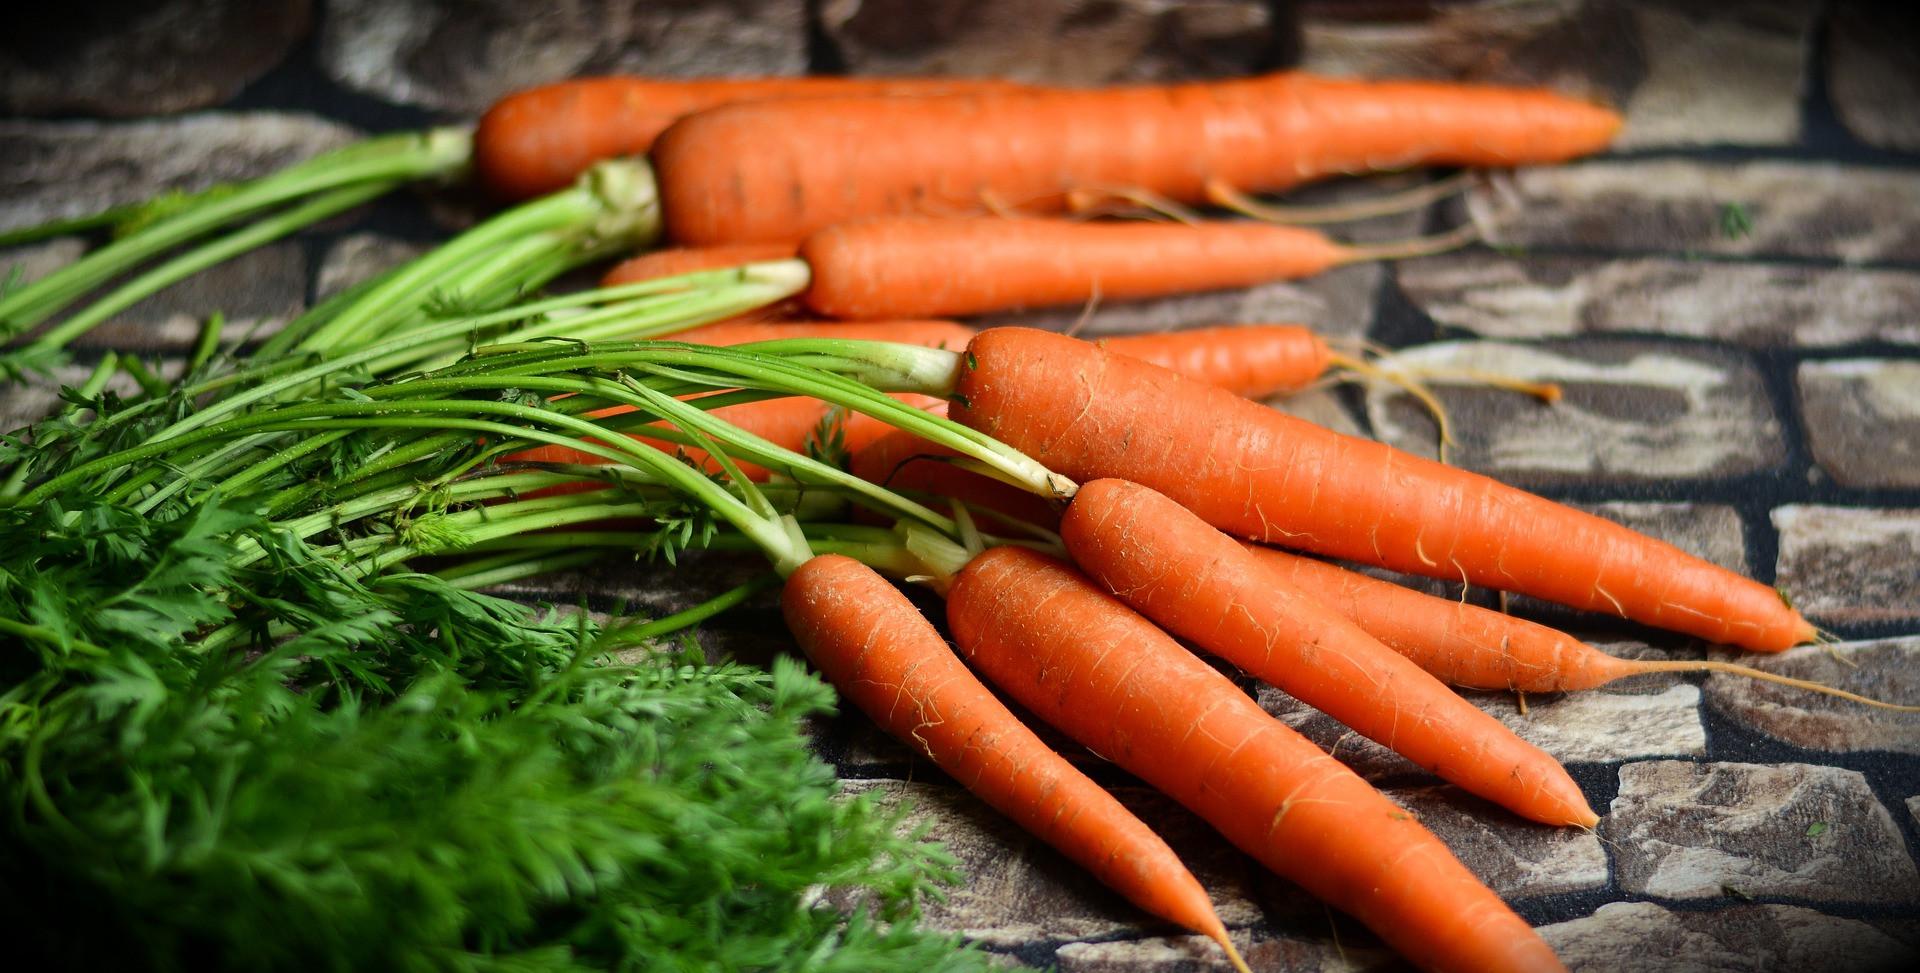 Organic Carrots - 1 lb.